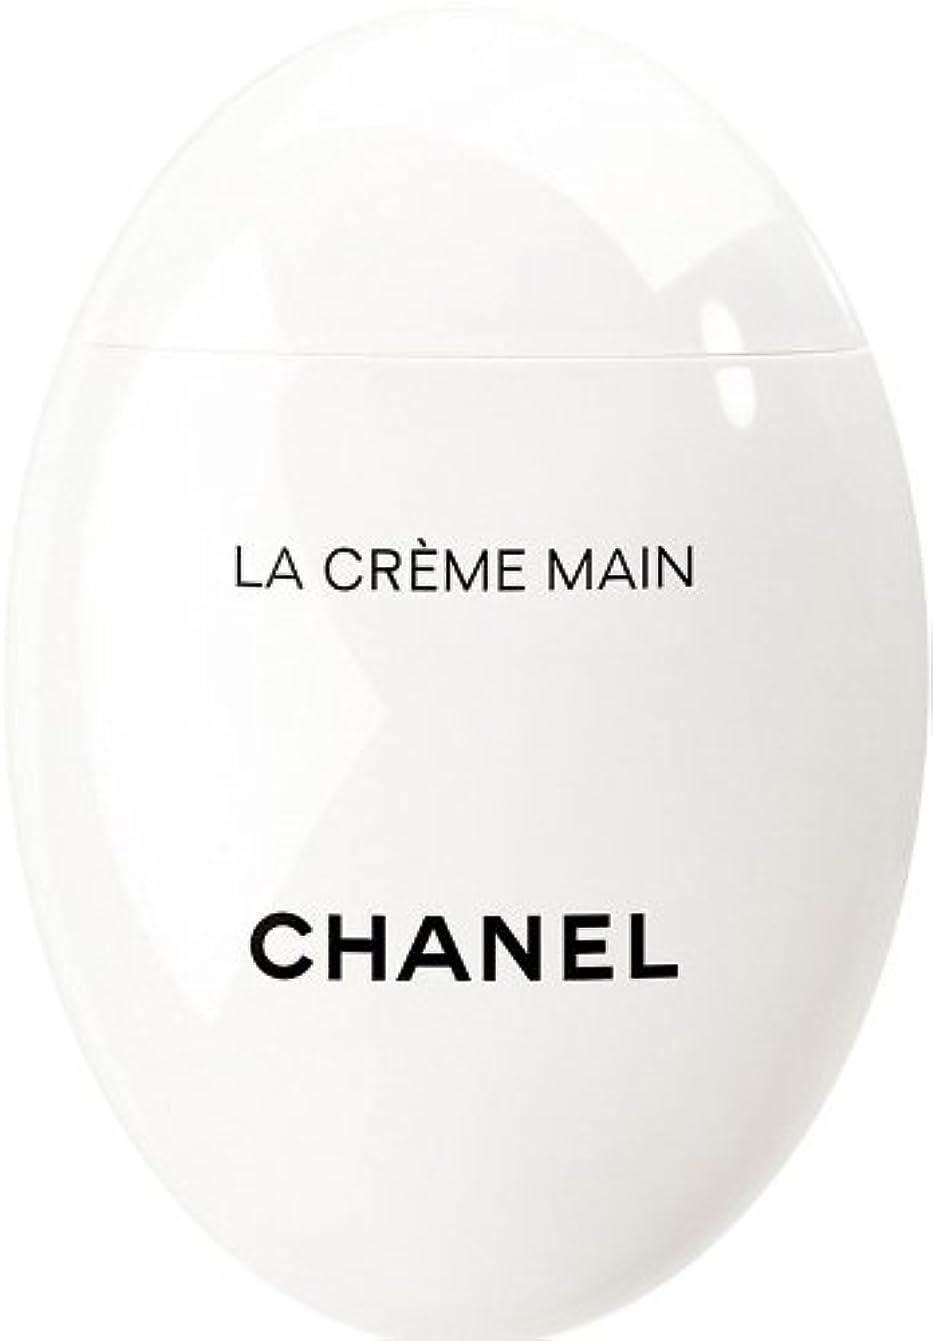 キャンバススリチンモイ吸い込むCHANEL LA CRÈME MAIN シャネル ラ クレーム マン ハンドクリーム 50ml